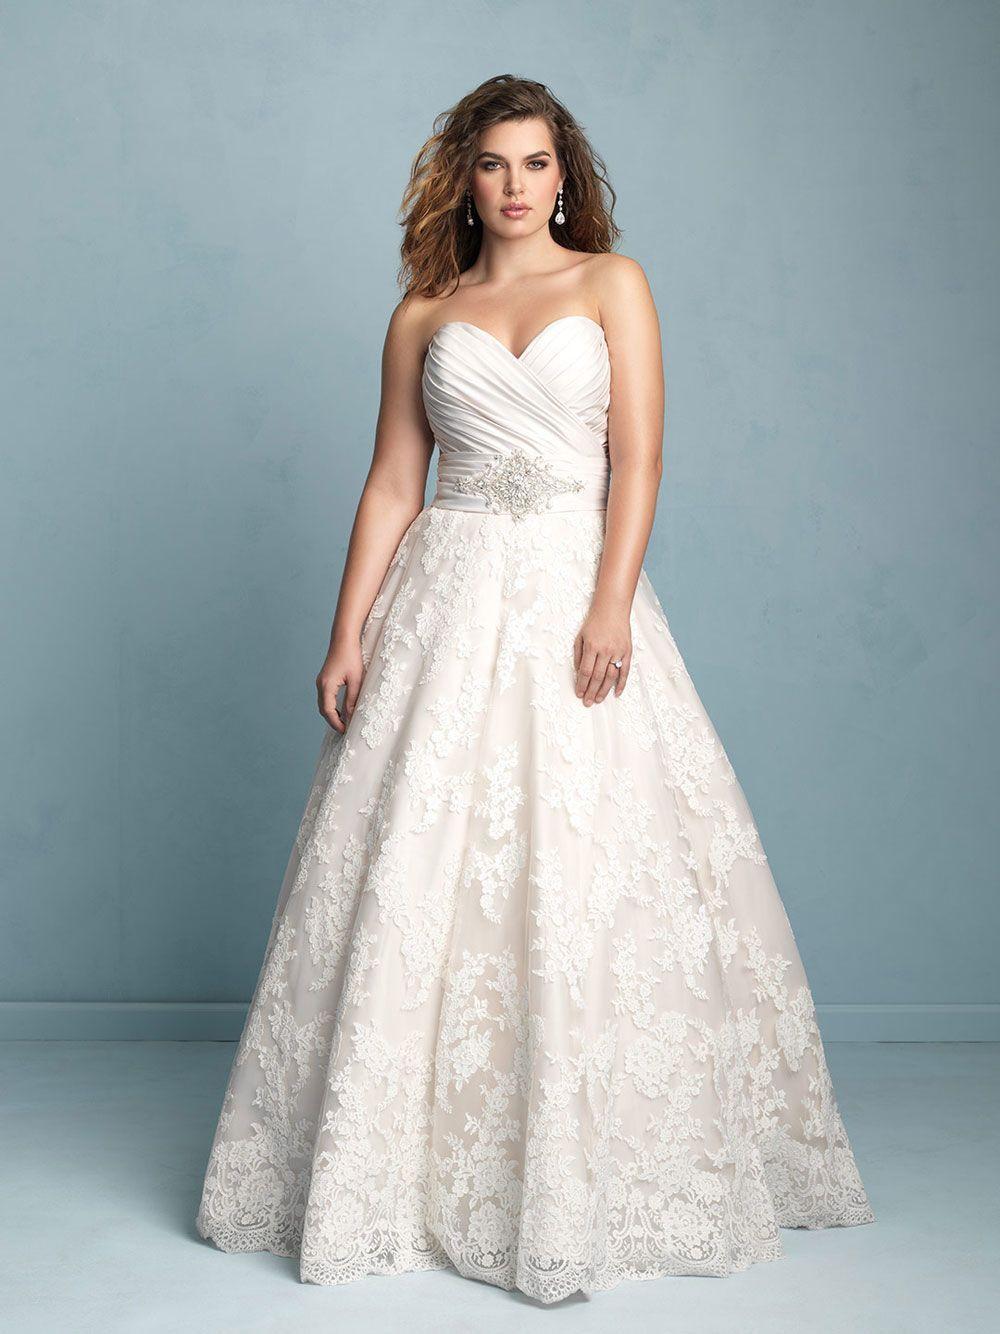 Vestidos de novia para chicas curvy | RSVPOnline